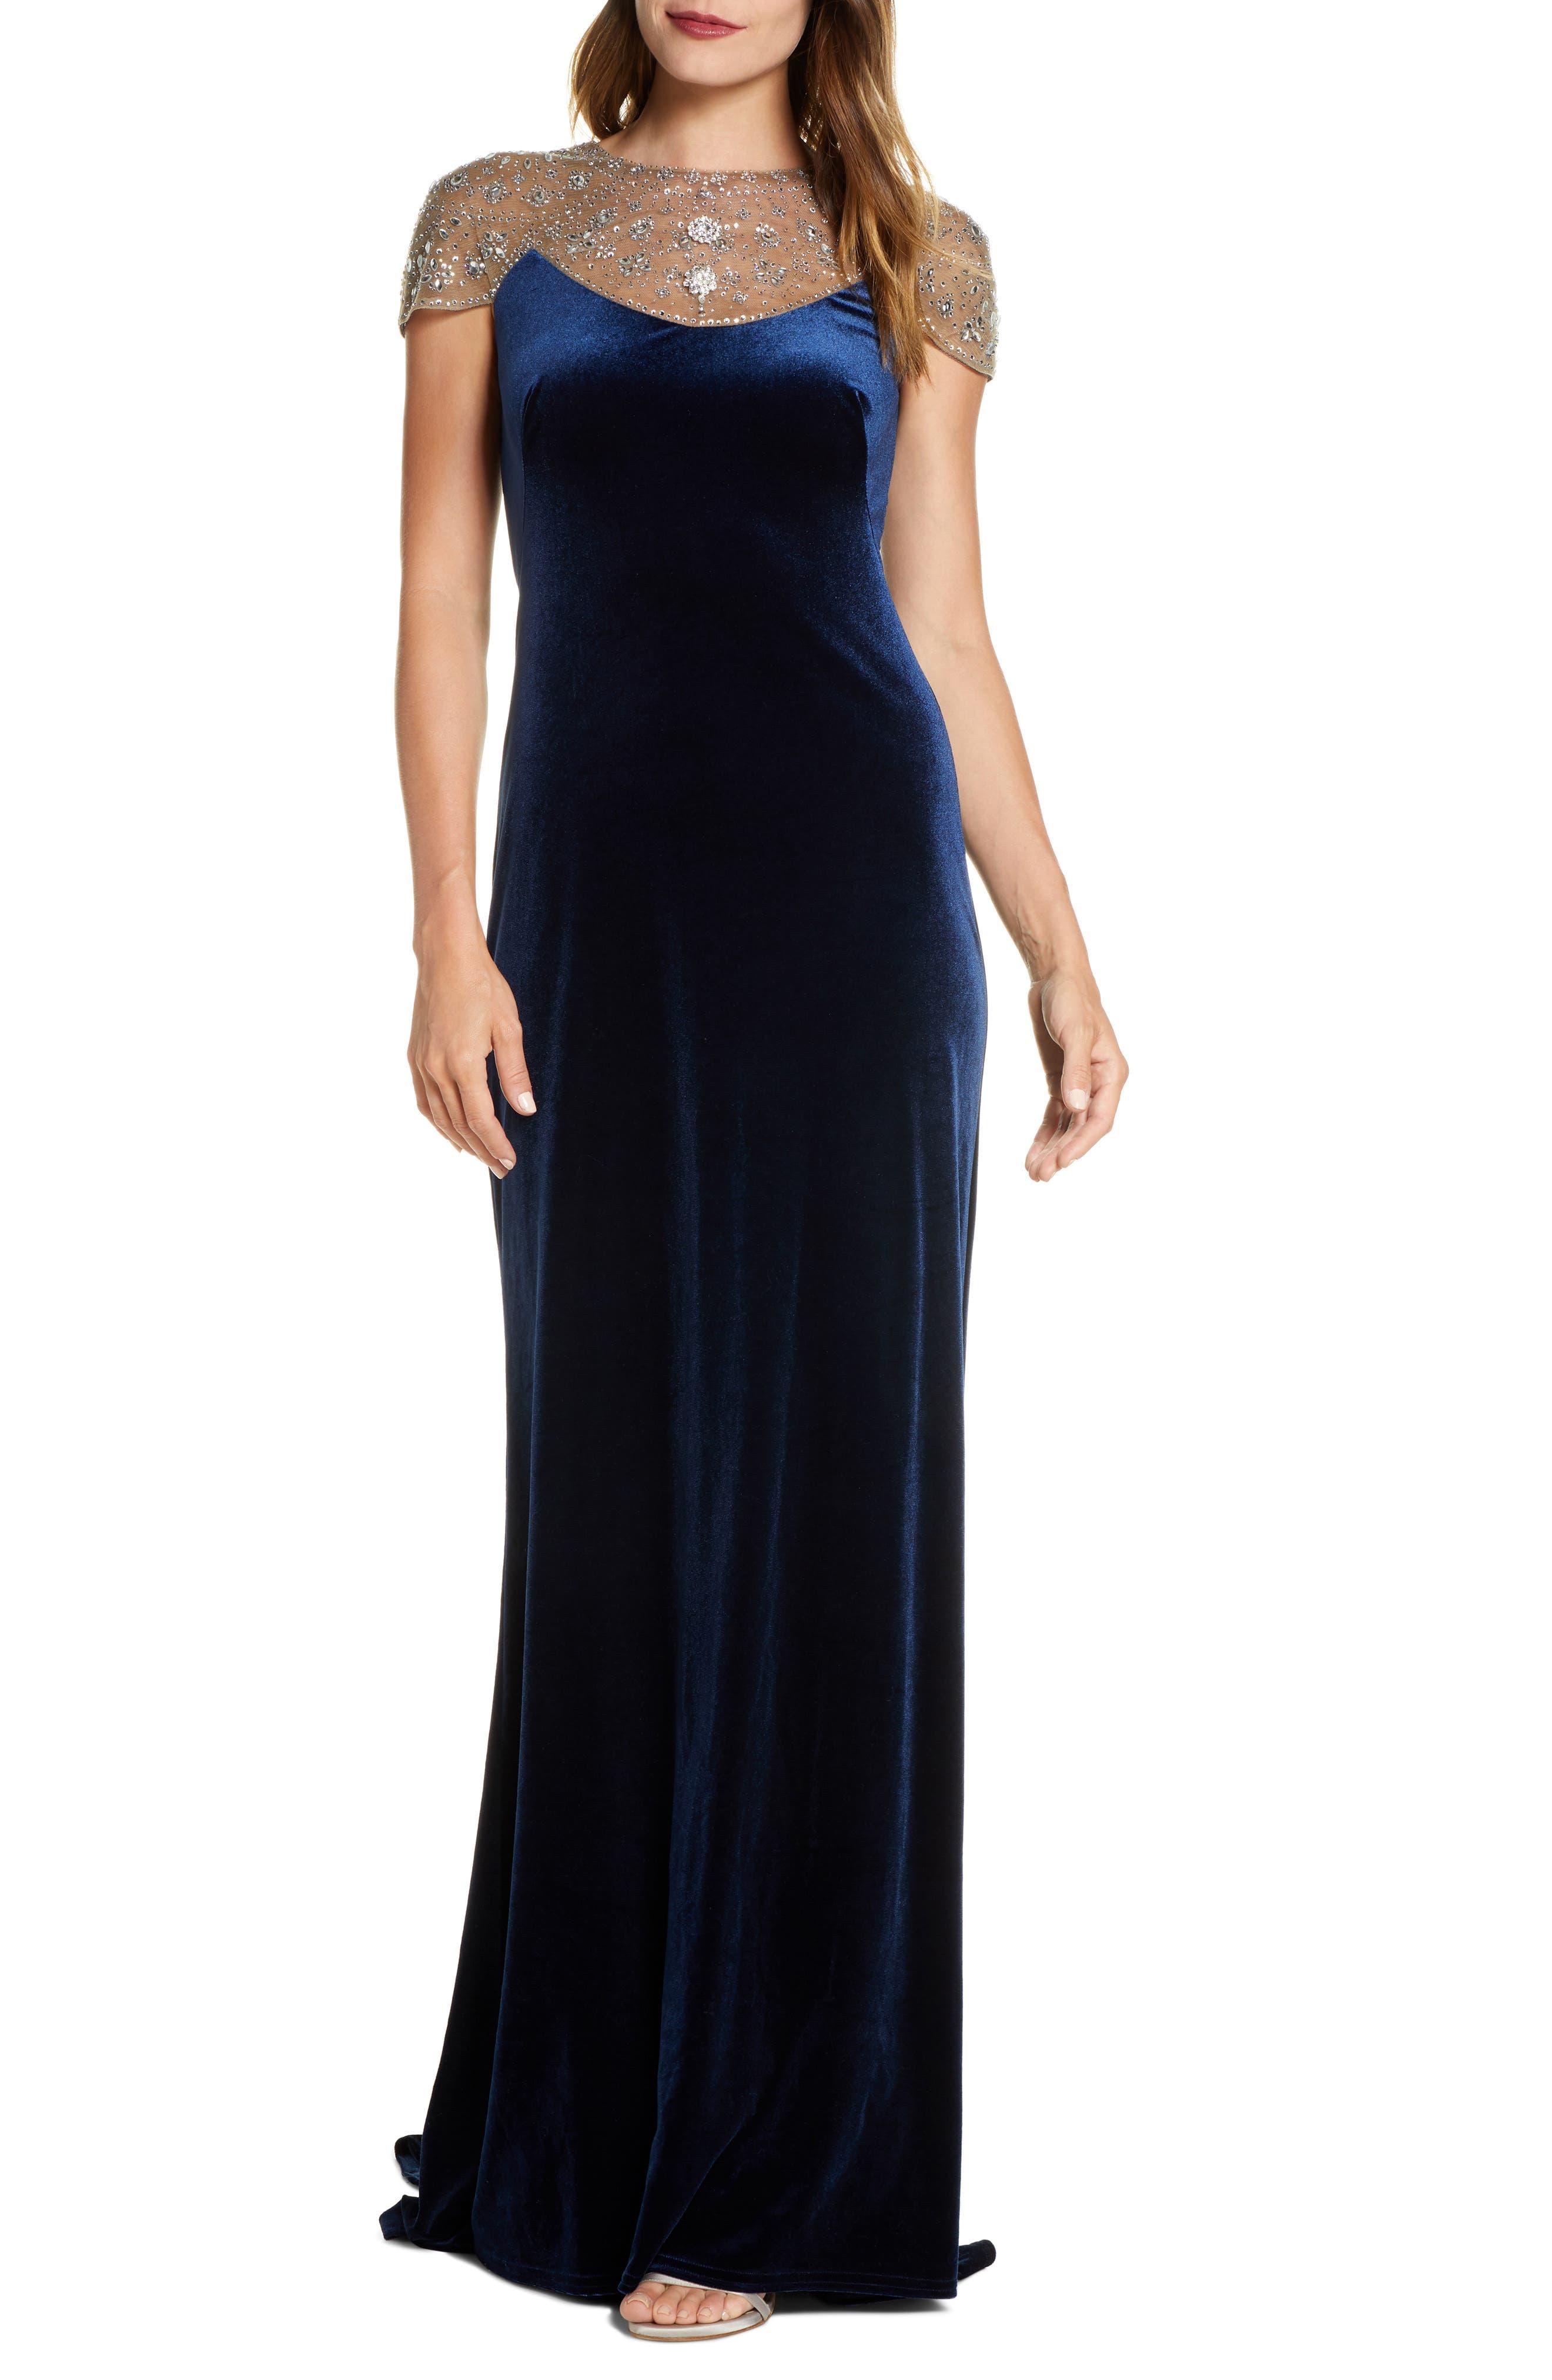 1930s Evening Dresses | Old Hollywood Silver Screen Dresses Womens Tadashi Shoji Embellished Velvet Gown $588.00 AT vintagedancer.com